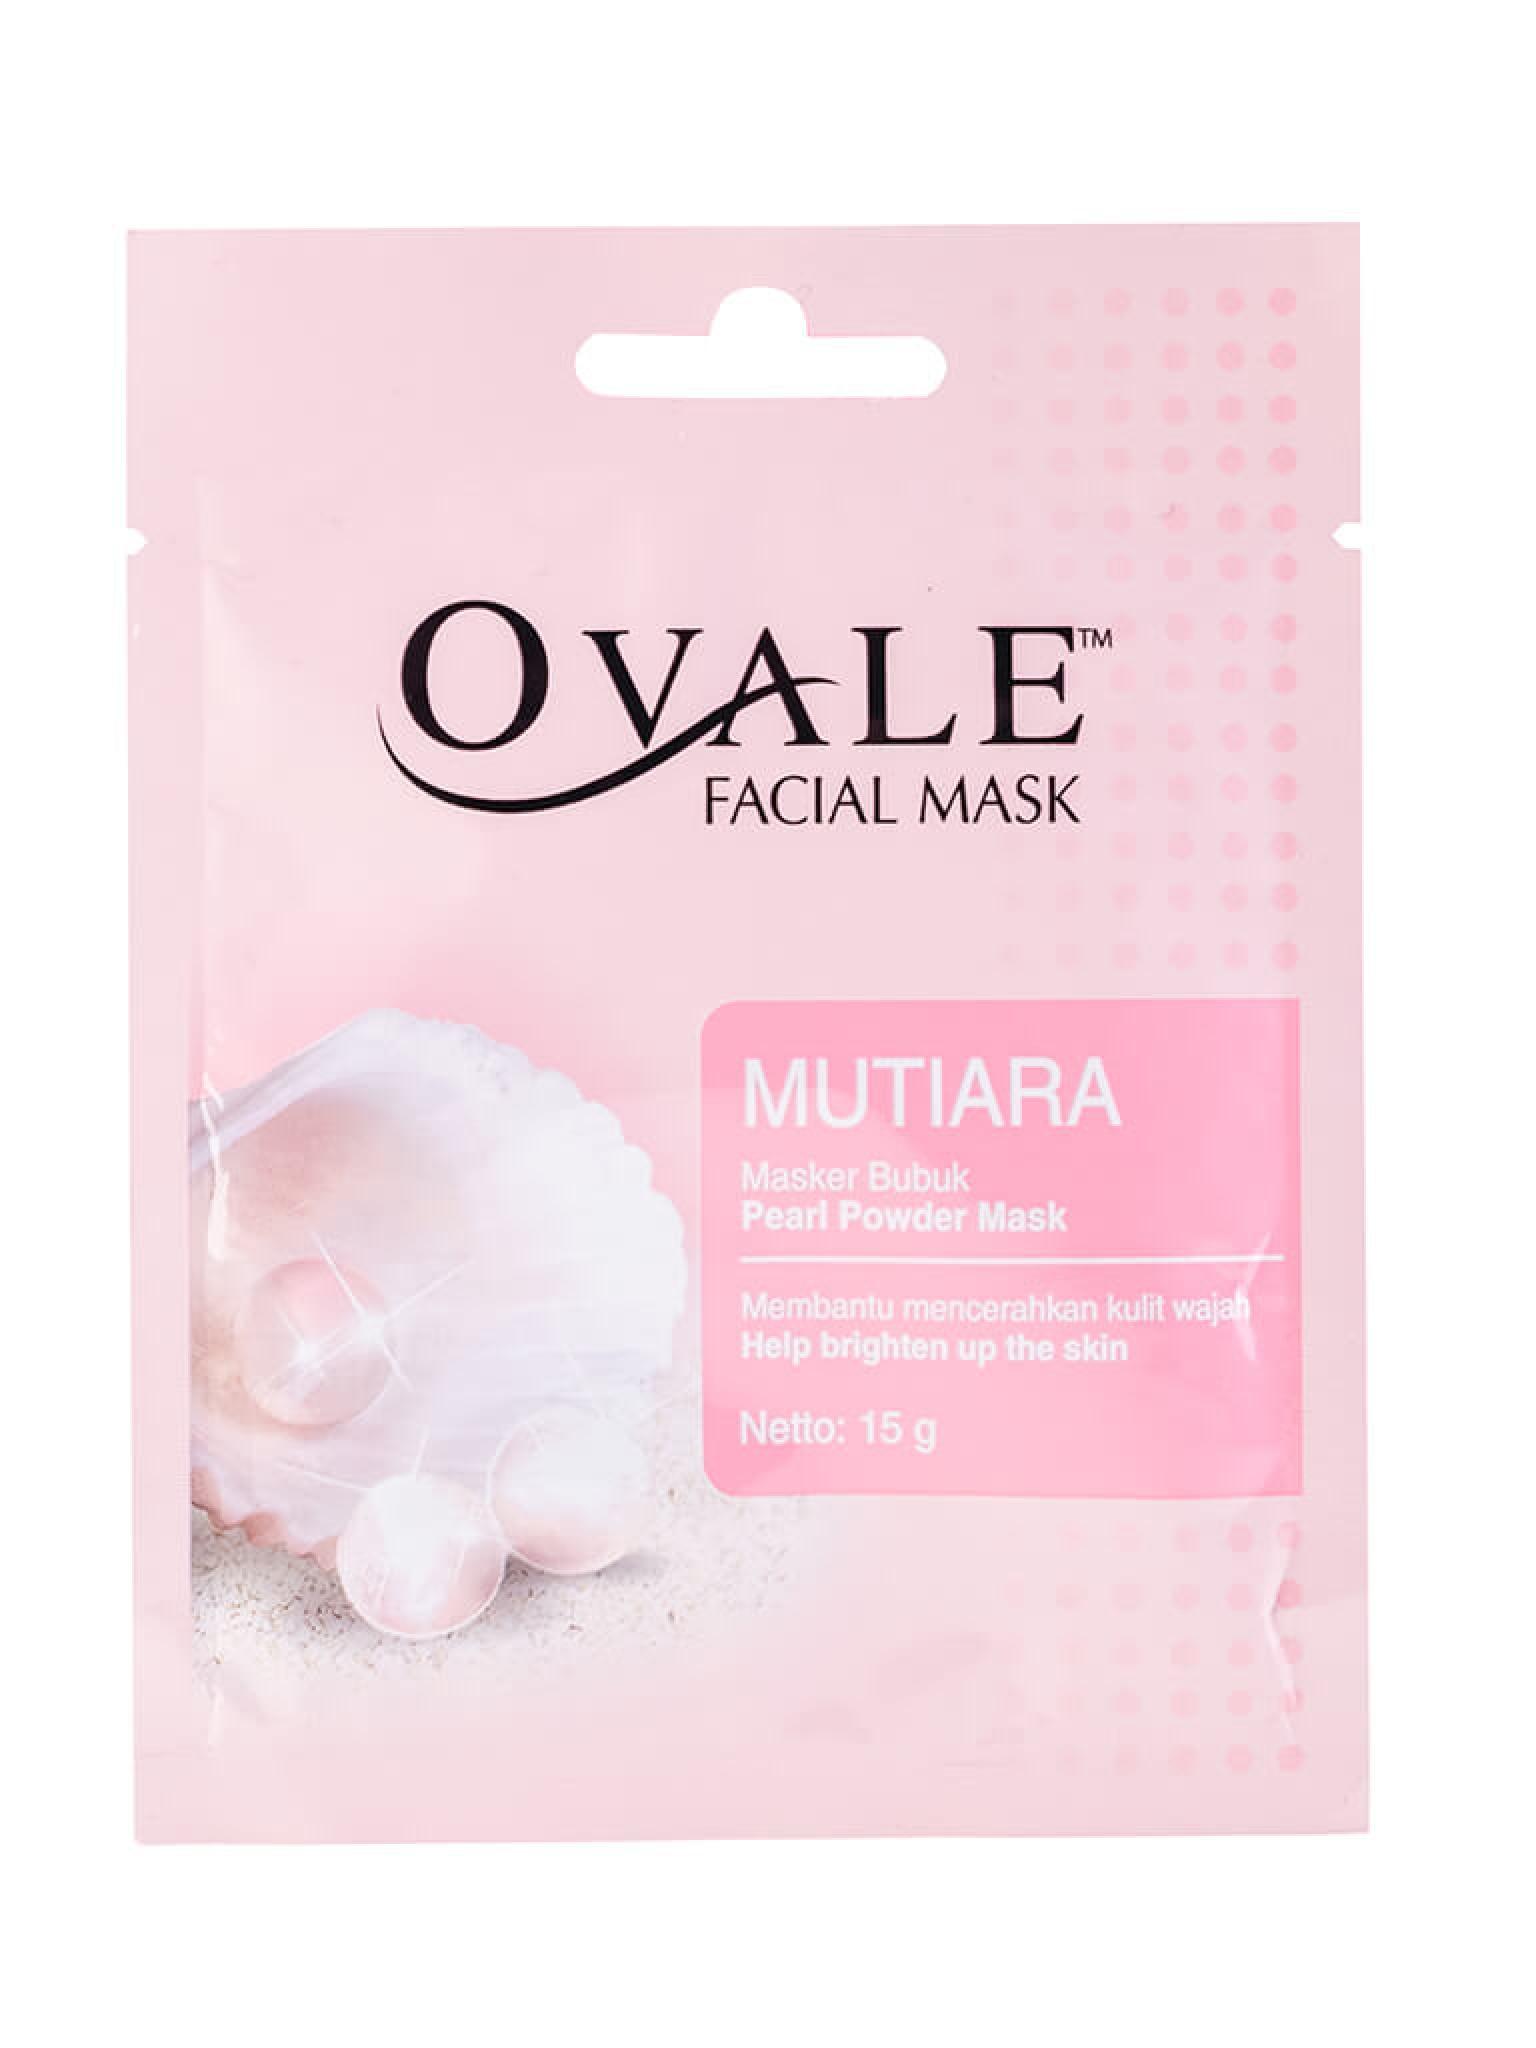 Порошковая маска с витамином В3 и экстрактом жемчуга